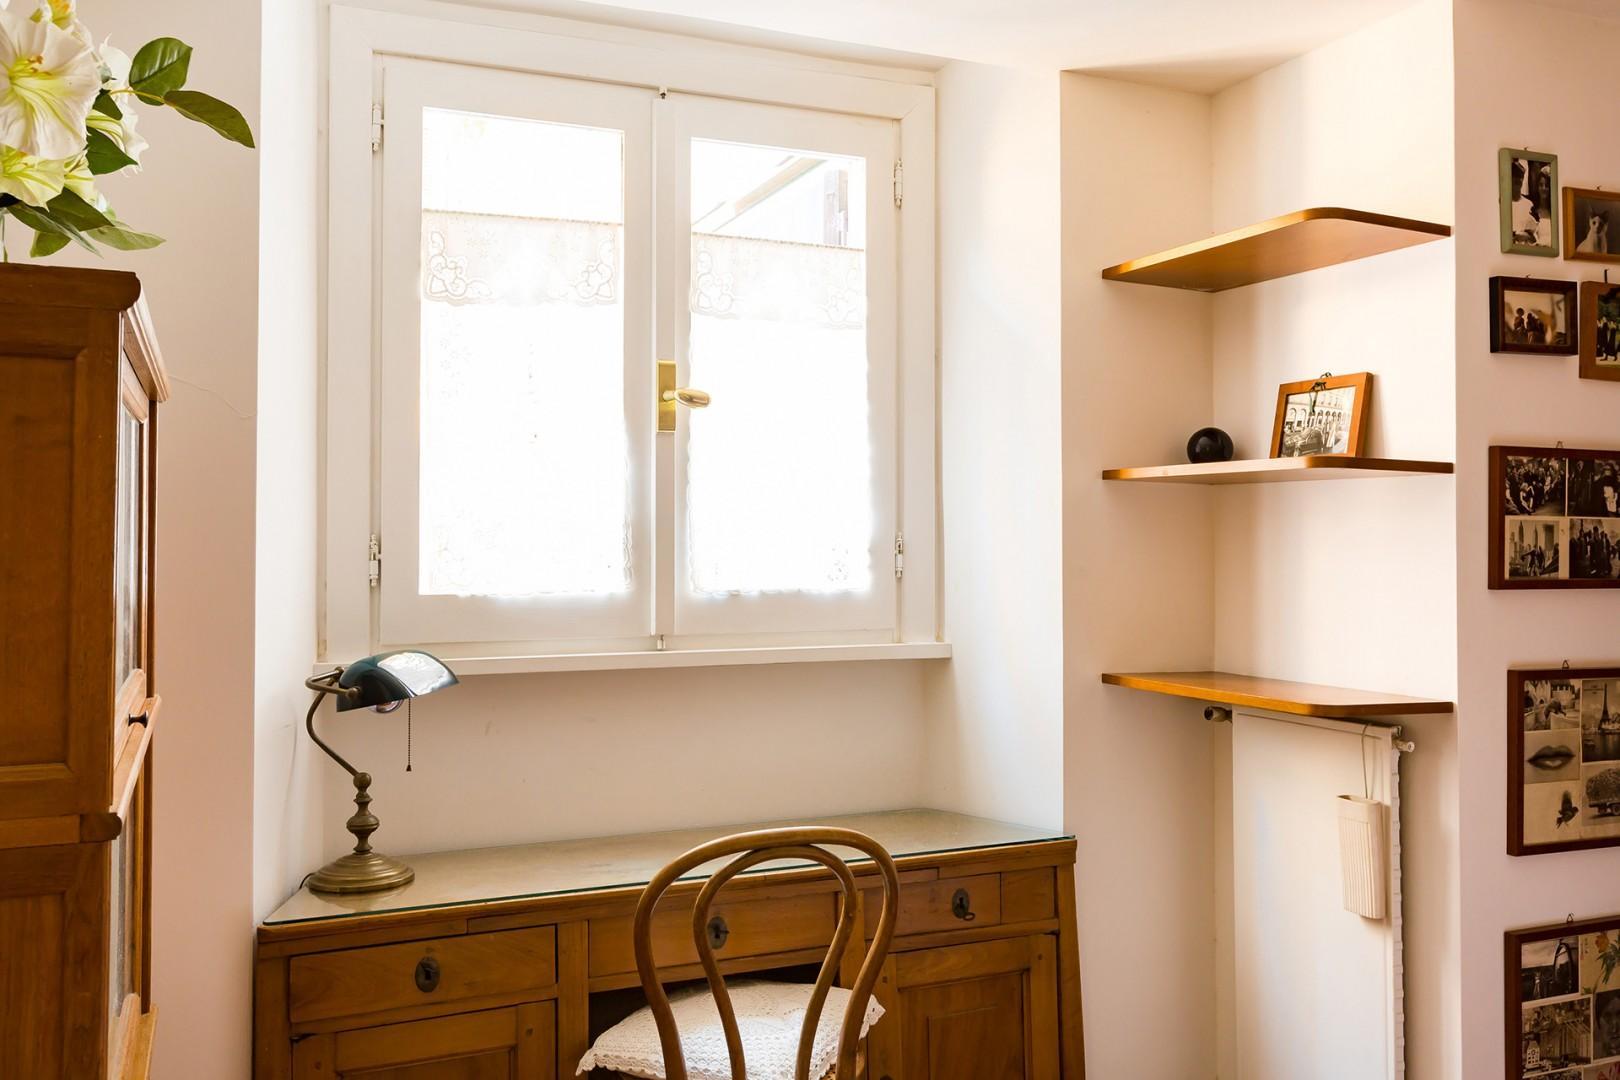 Window and desk in bedroom 1.